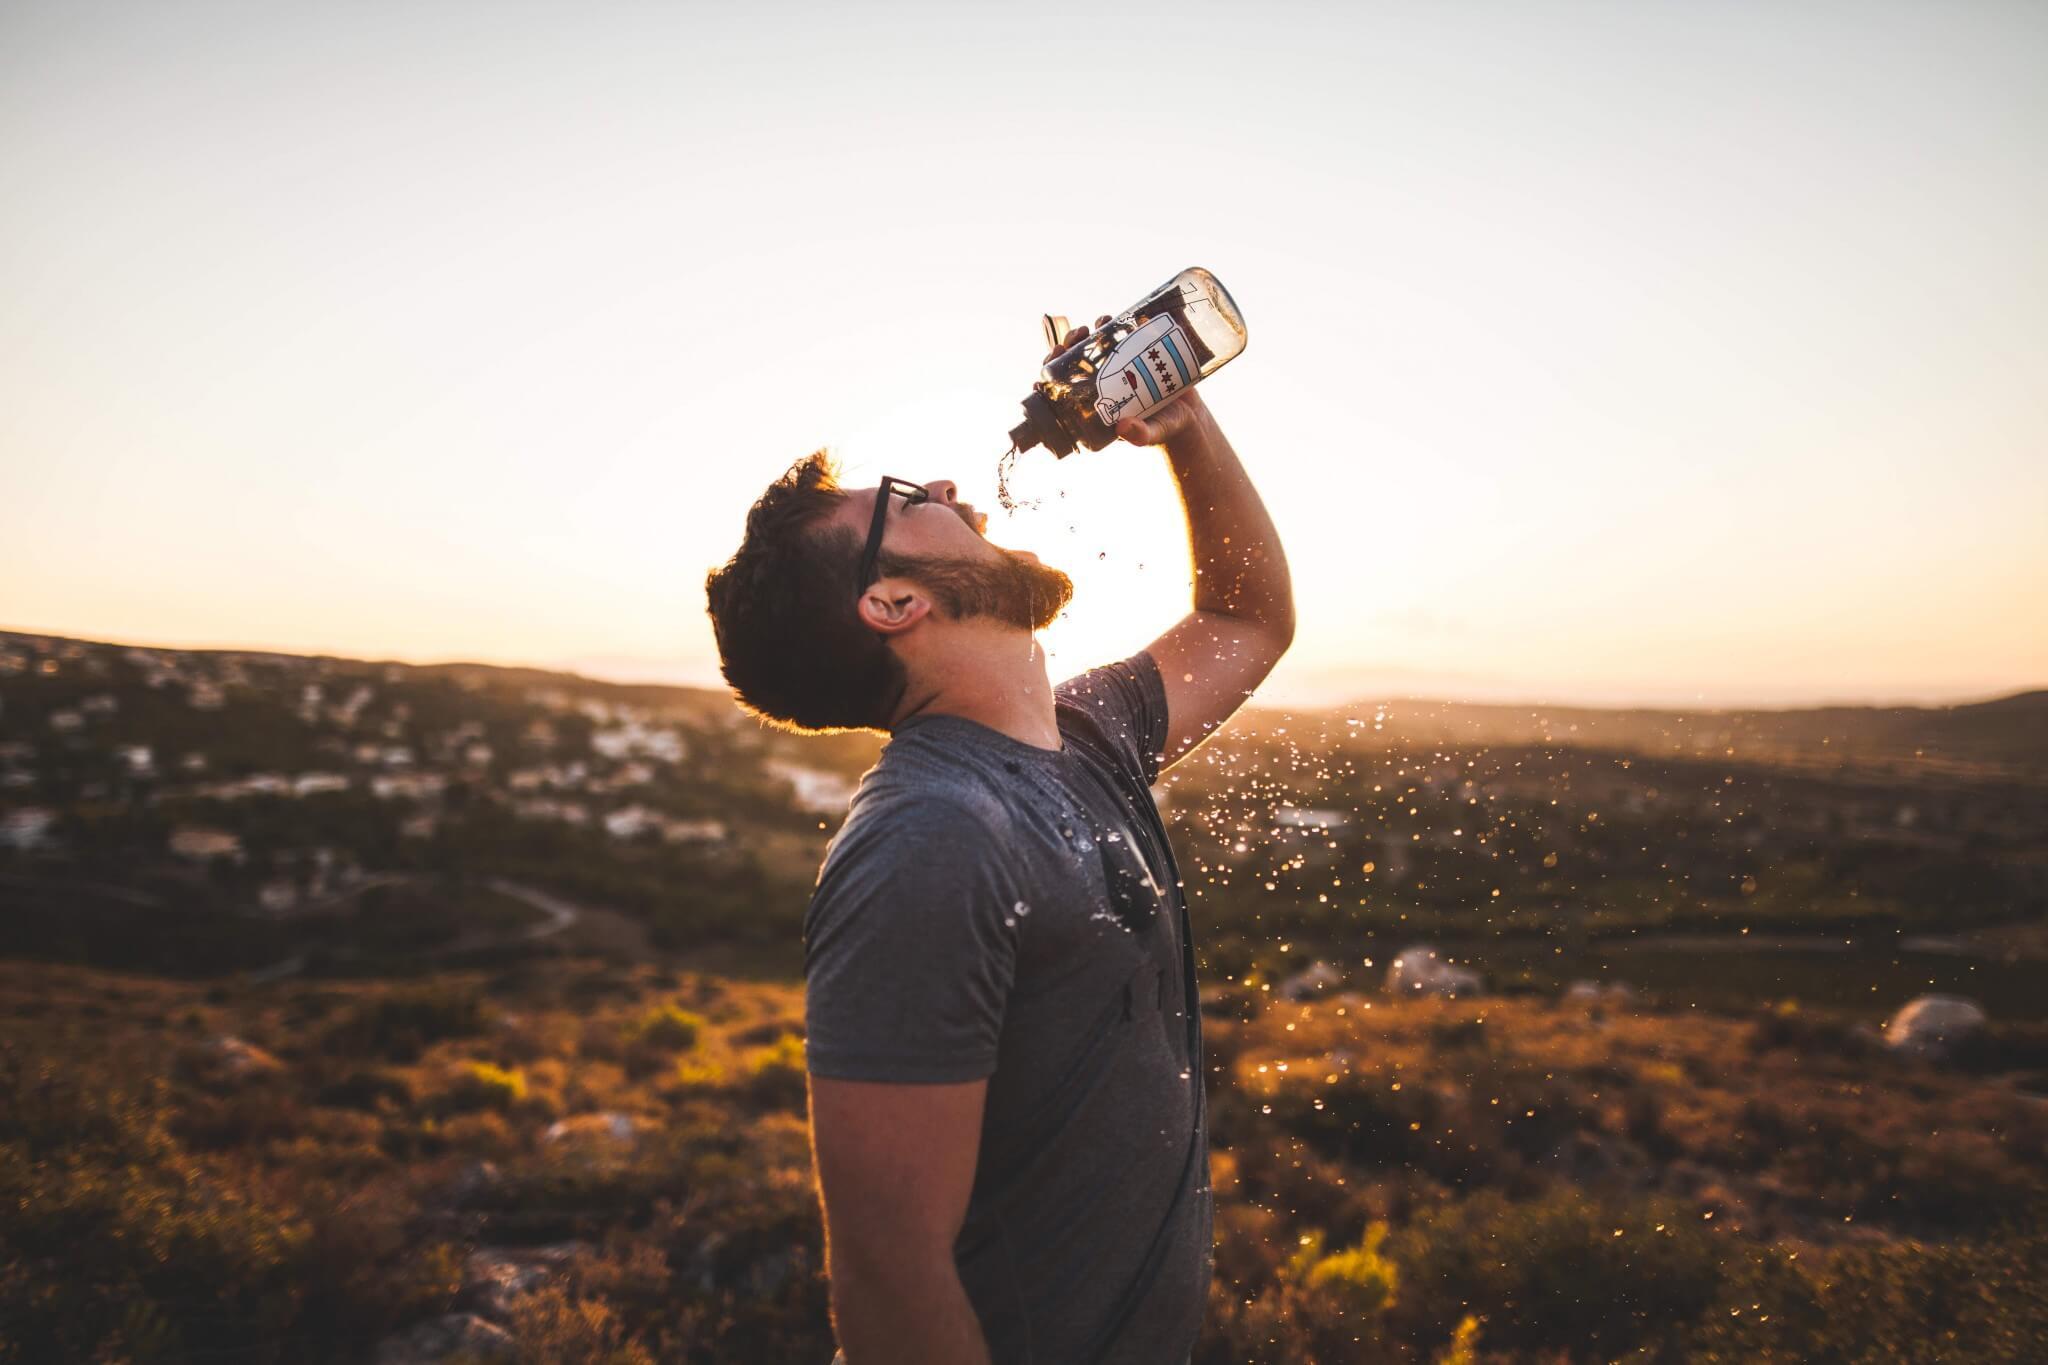 熱中症予防、とにかく安いスポーツ飲料&500mlクリアボトル購入、ベストマッチで毎日使えるぞ!